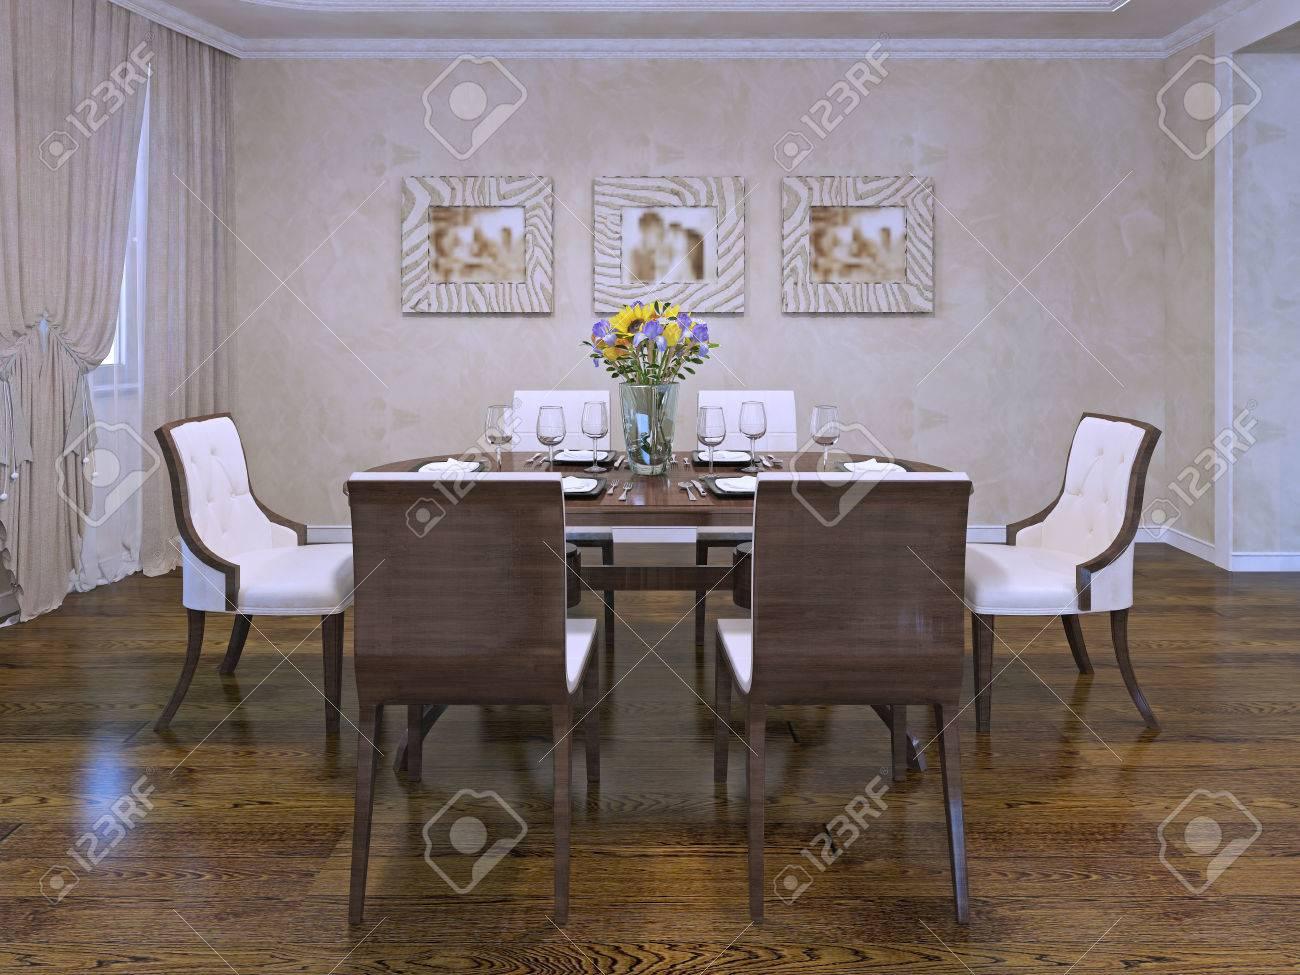 Conception De La Salle A Manger Dans La Maison Privee Belles